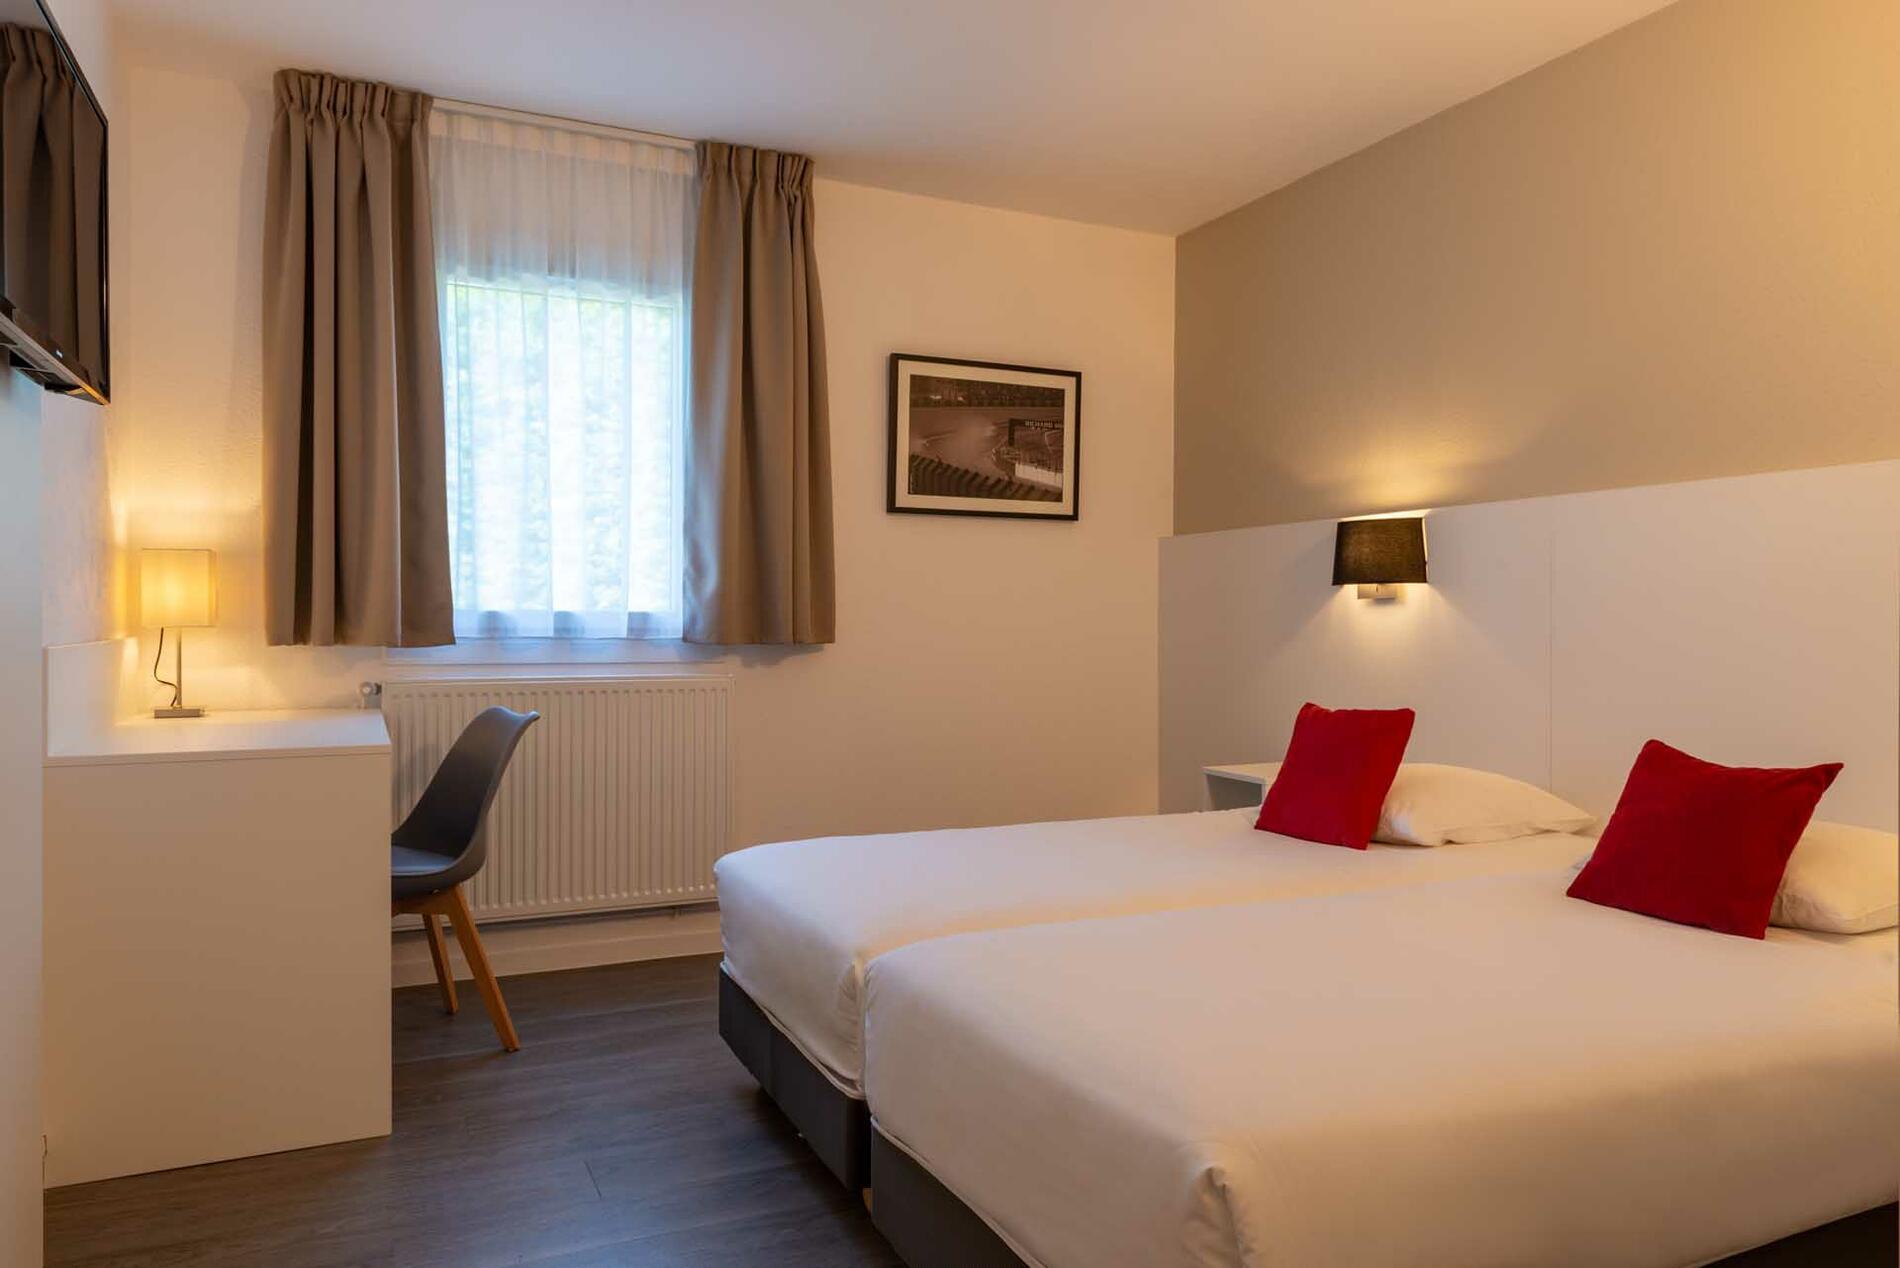 Accommodation at Acropole Hôtel